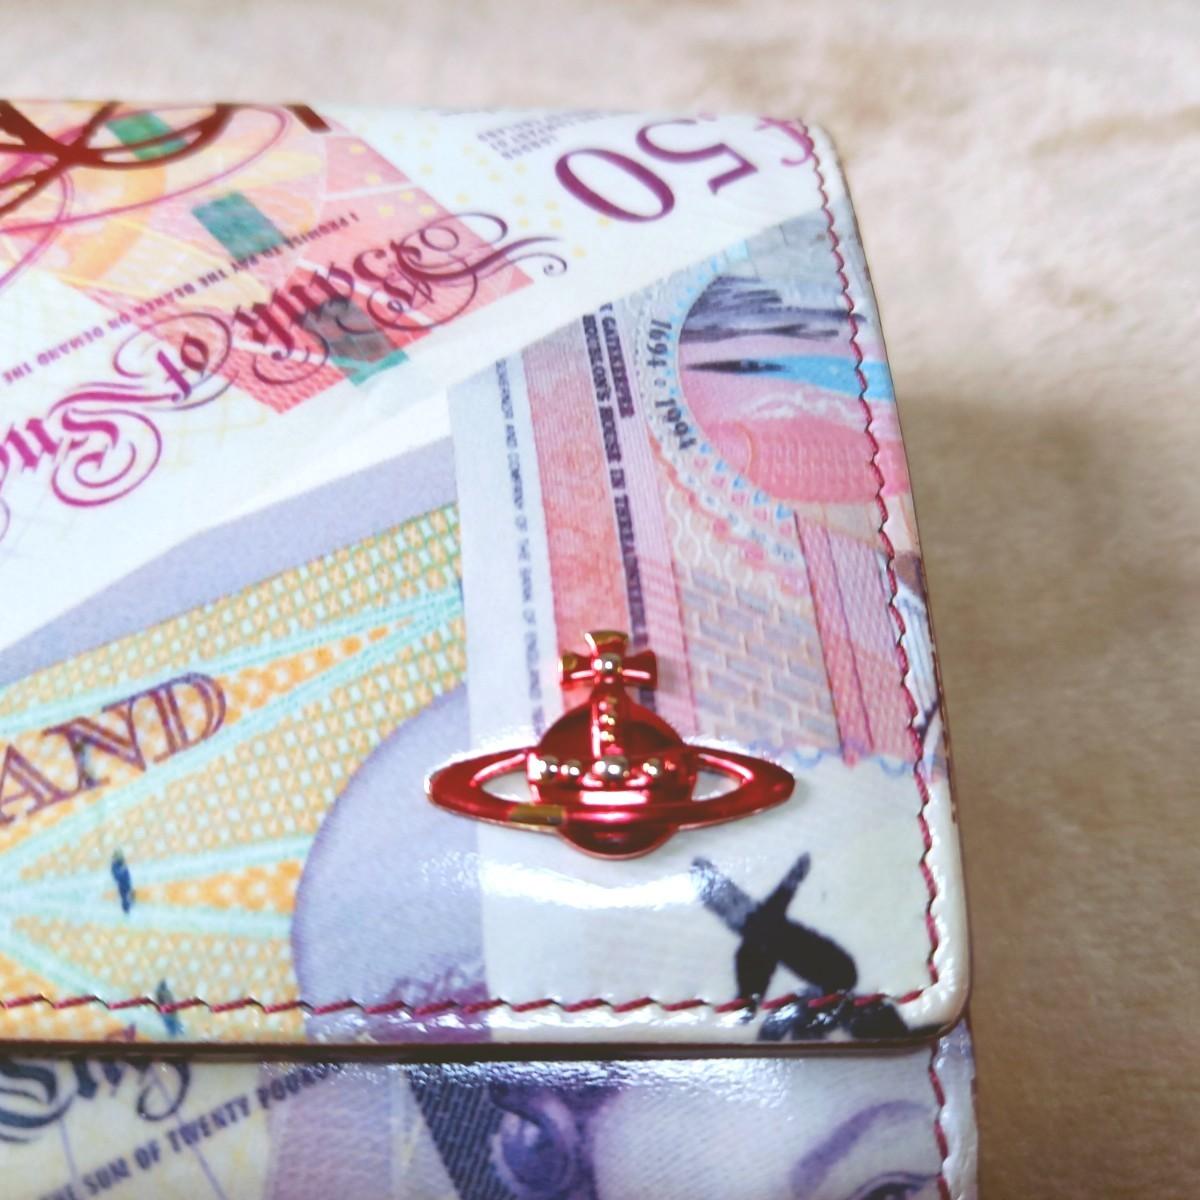 希少 Vivienne Westwood ヴィヴィアンウエストウッド 長財布  マルチカラー 紙幣 エリザベス女王 ポンド オーブ